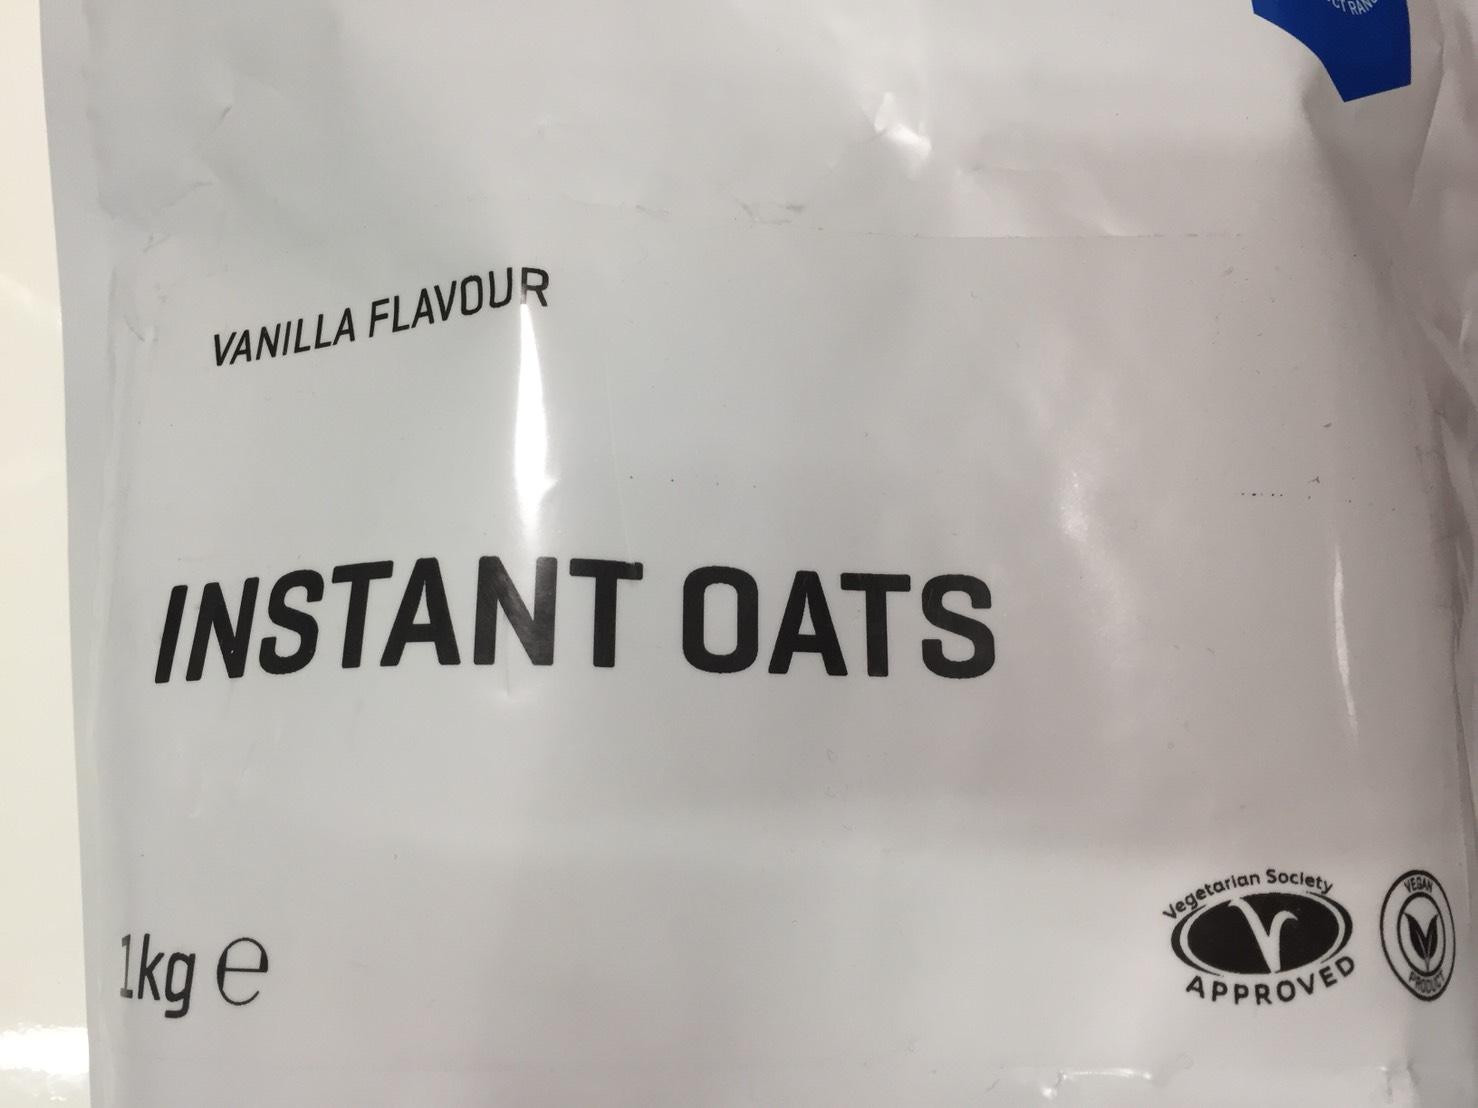 マイプロテイン「インスタントオーツ バニラ味」